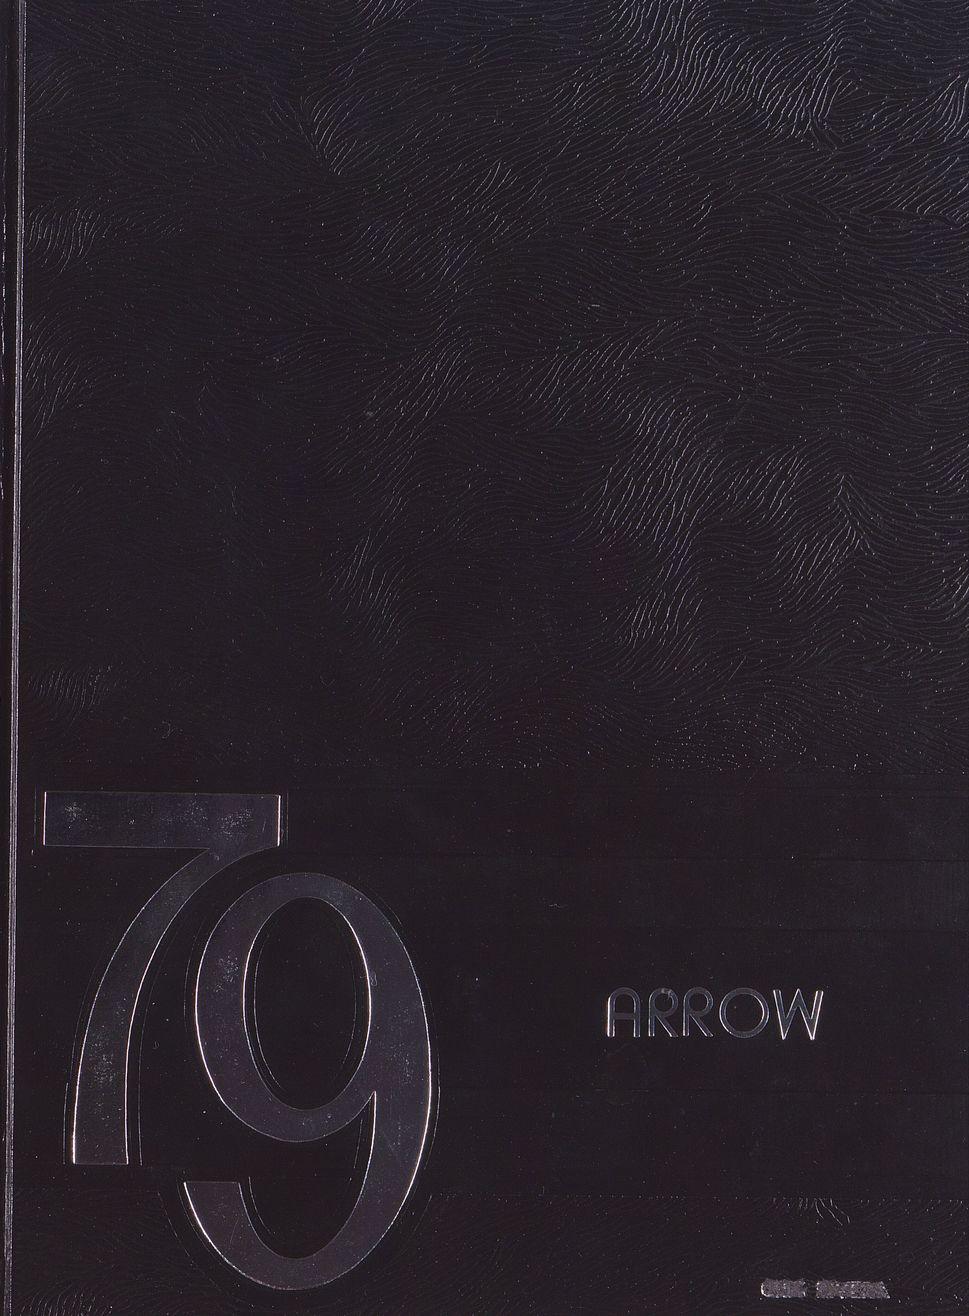 The Arrow 1979